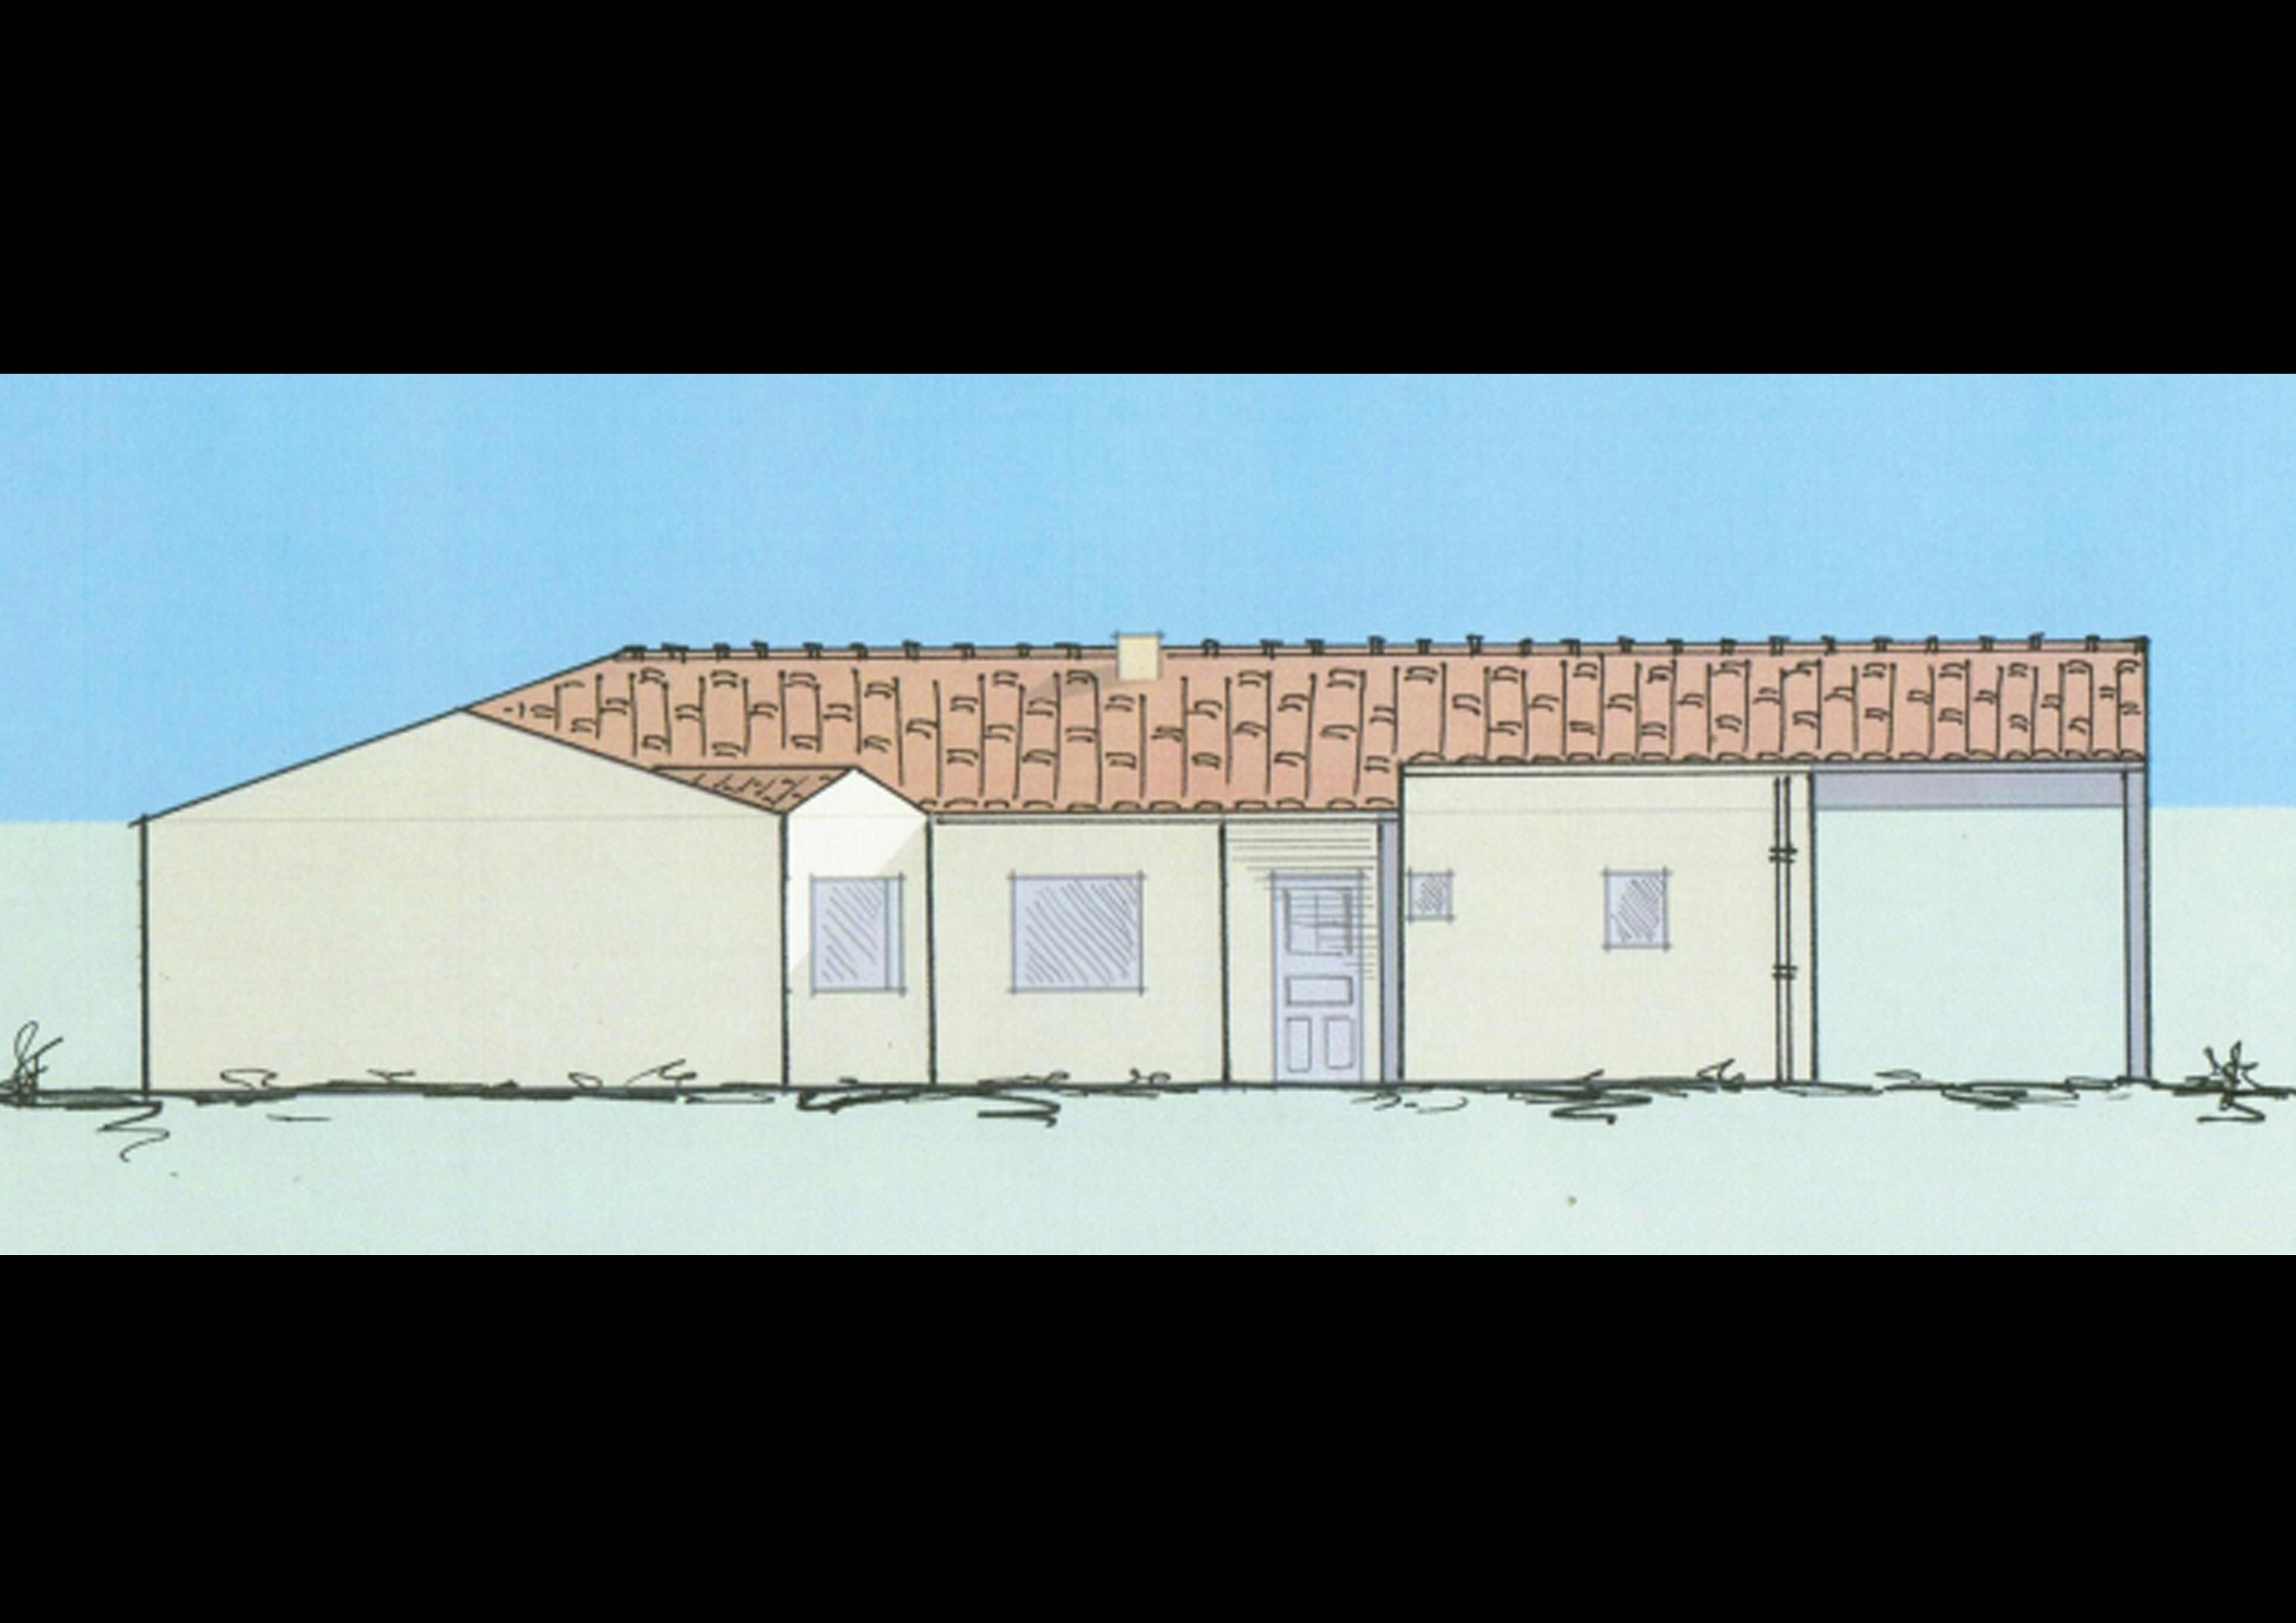 3A REDOIS-SURGET Architectes Le Bignon